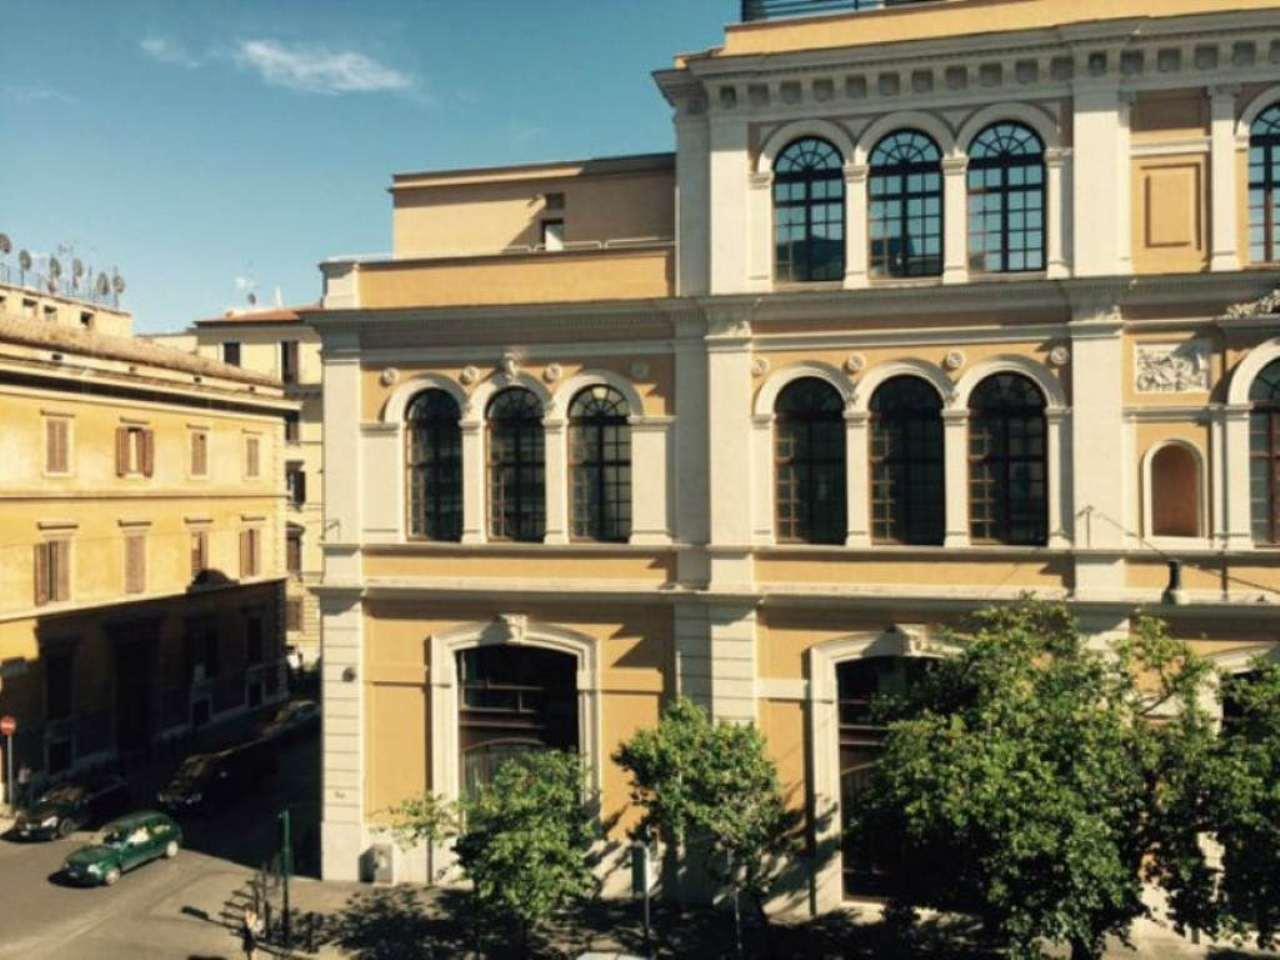 Ufficio viale europa roma elenchi e prezzi di vendita waa2 for Affitto ufficio viale europa roma